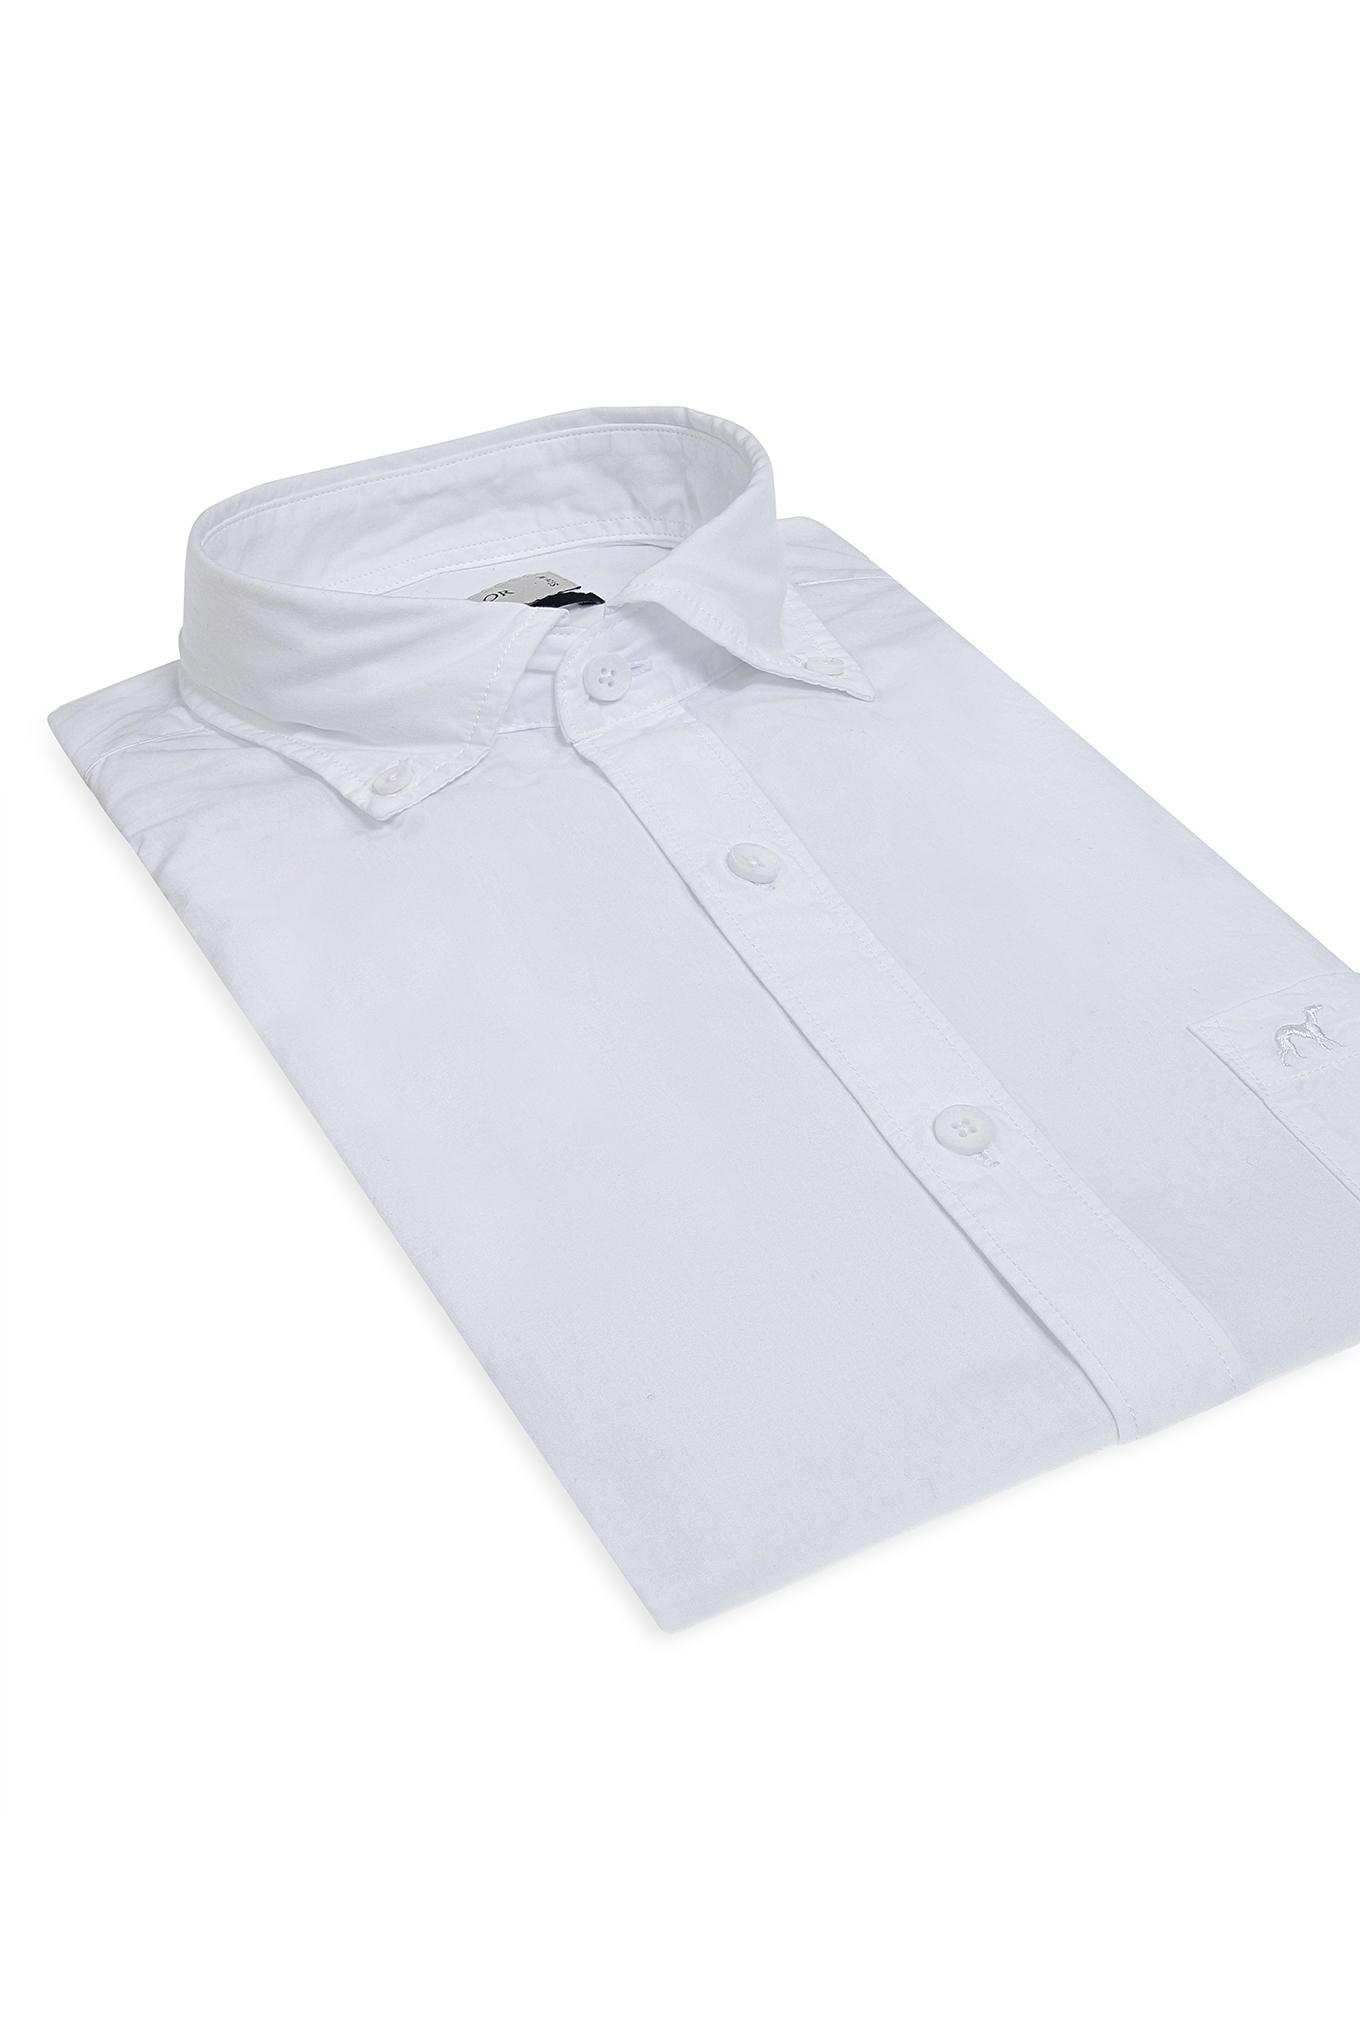 Camisa Branco Sport Homem